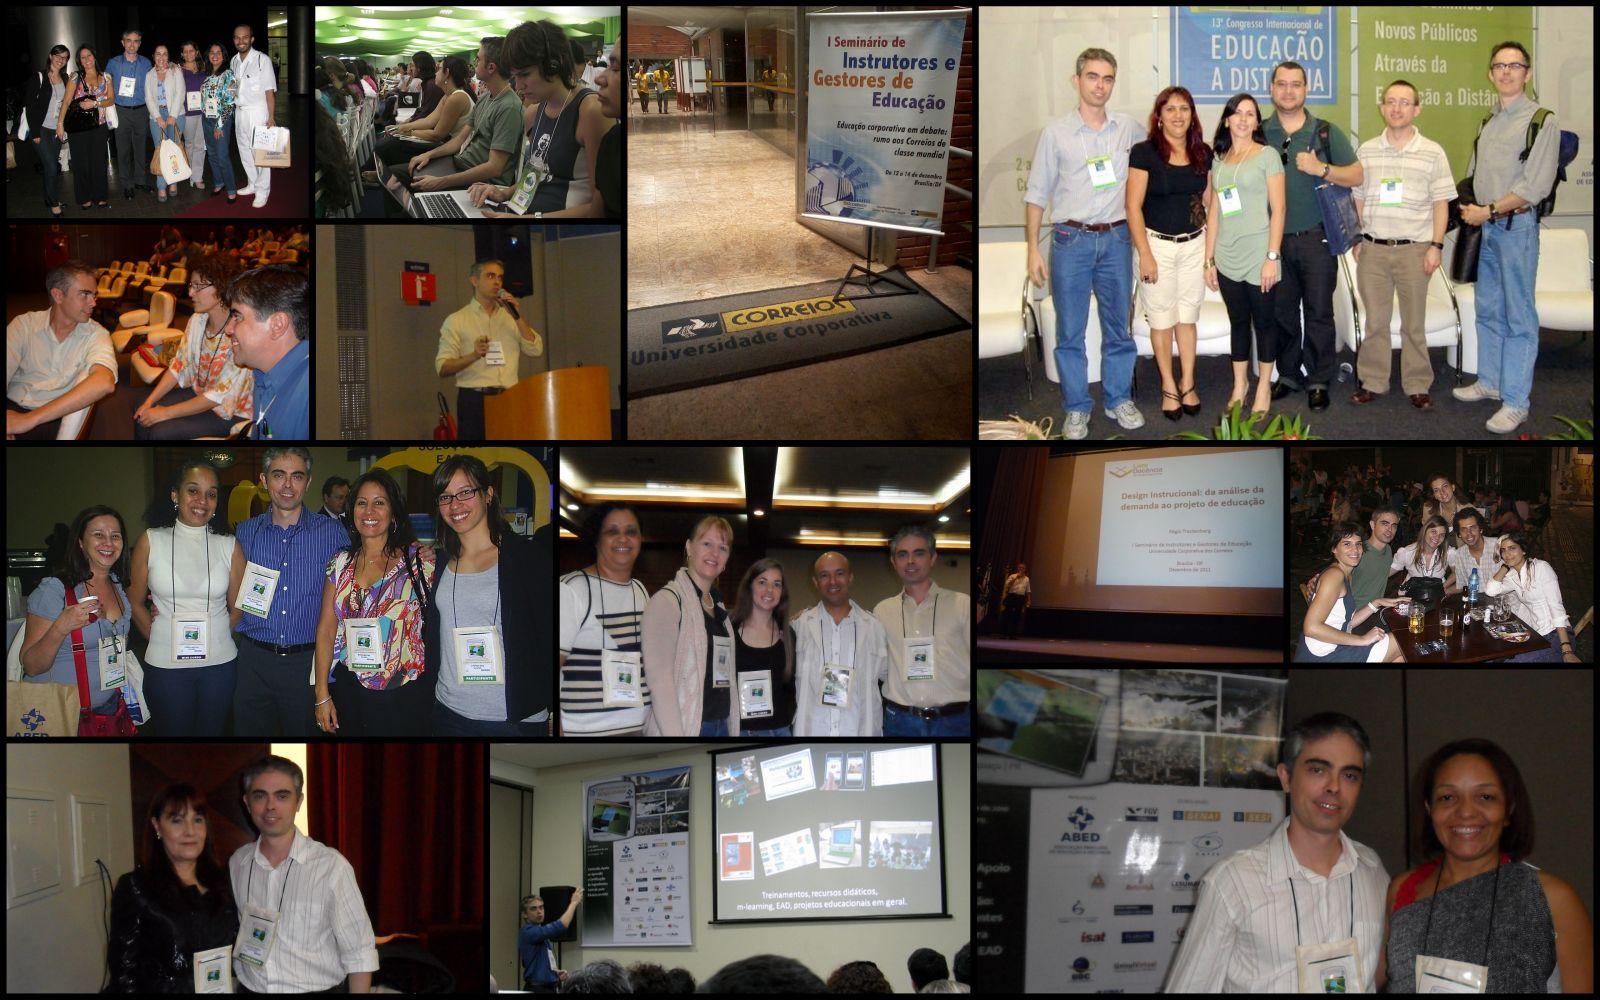 Com ex-alunos e colegas em congressos da ABED - Associação Brasileira de Educação a Distância, e no Encontro de Educação Corporativa dos Correios.